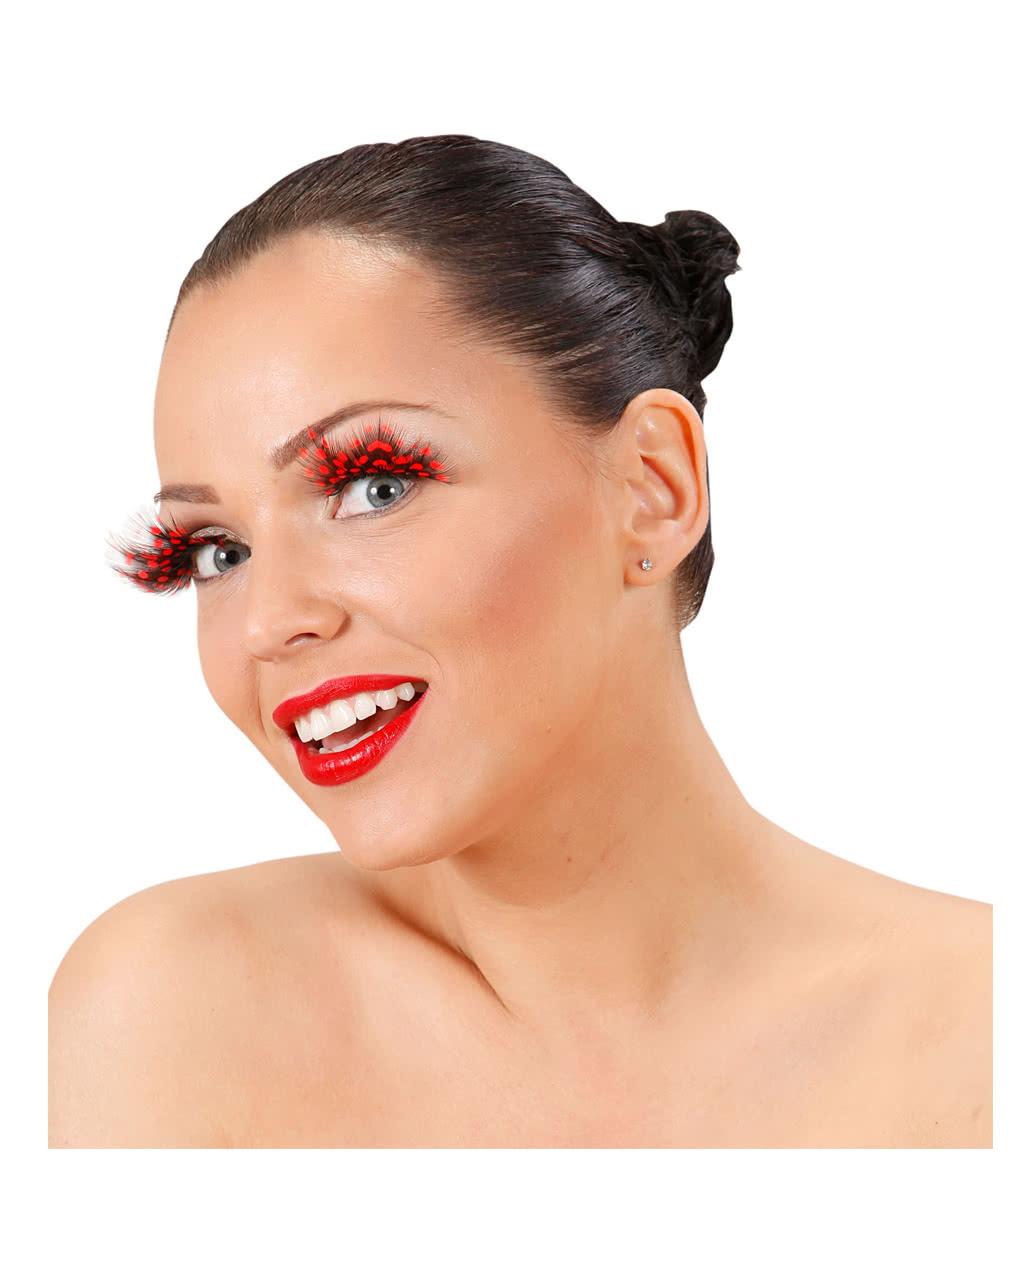 fcac133cd87 Ladybug eyelashes   Buy Eyelashes   horror-shop.com